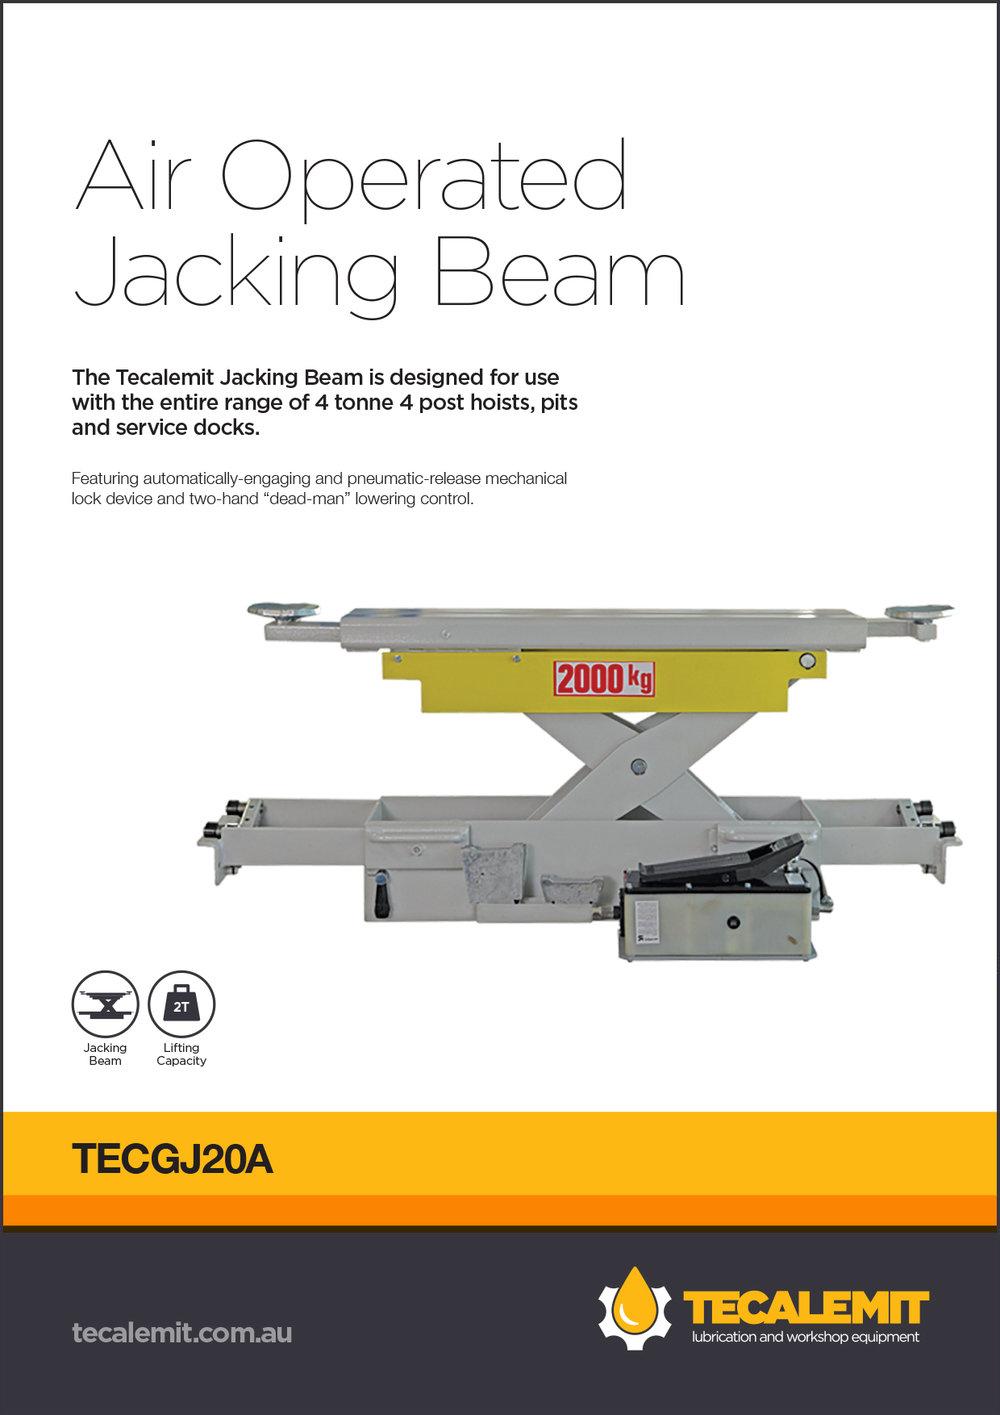 TECGJ20A Product Info